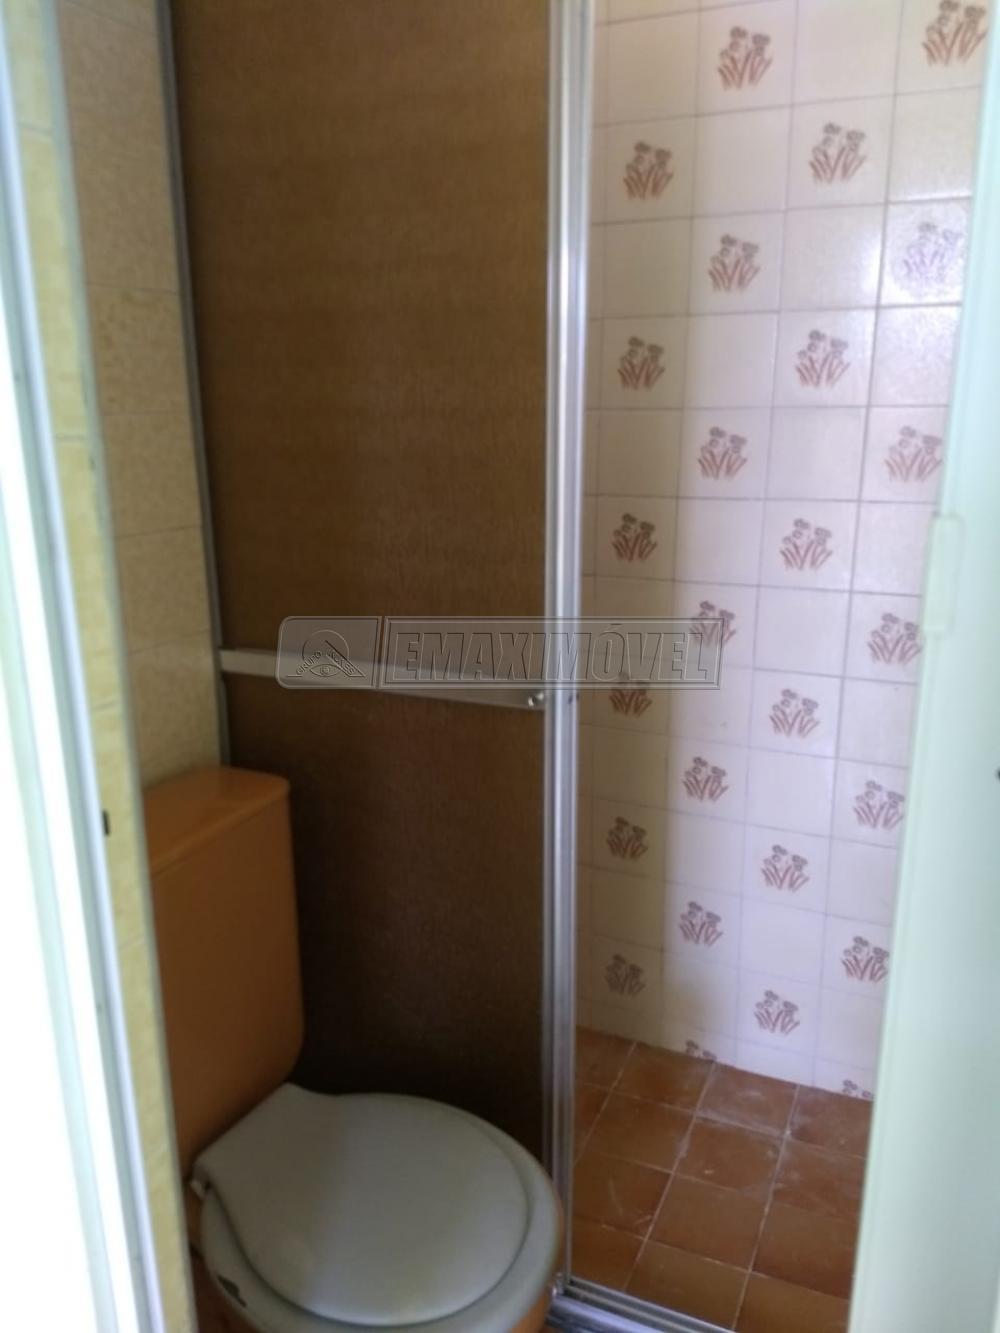 Comprar Apartamento / Padrão em Sorocaba R$ 148.400,00 - Foto 11